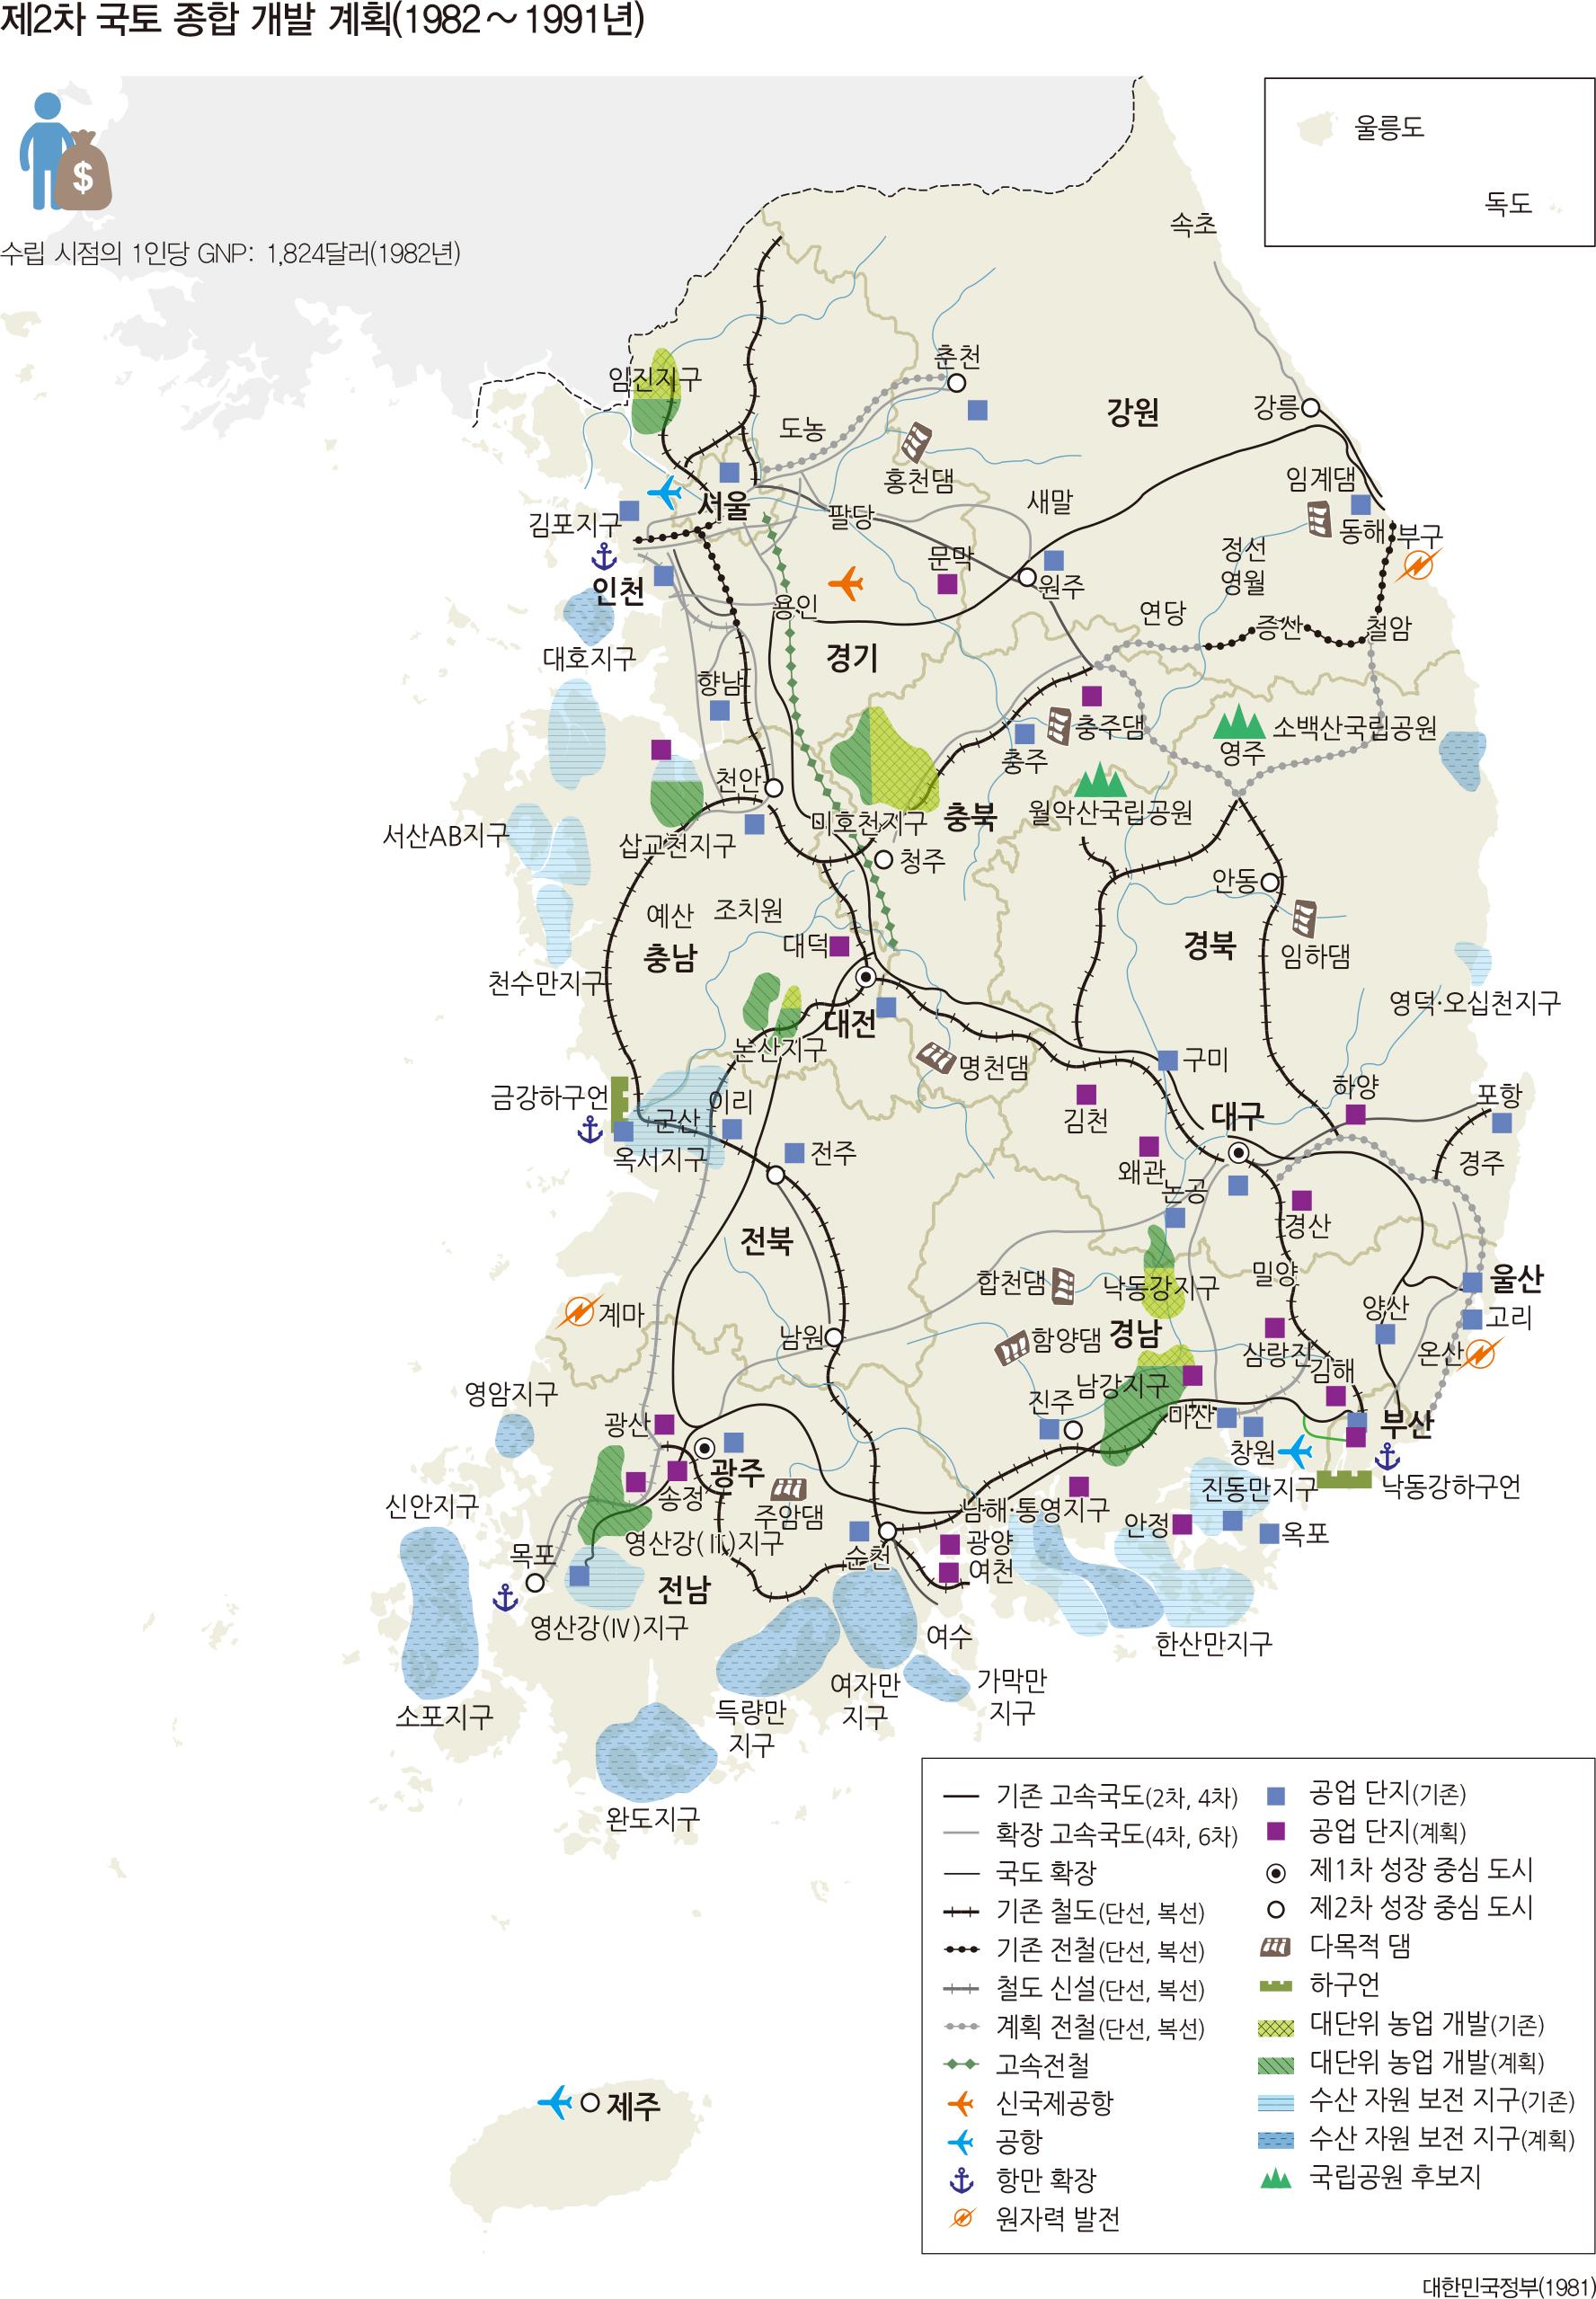 제2차 국토 종합 개발 계획(1982~1991년)